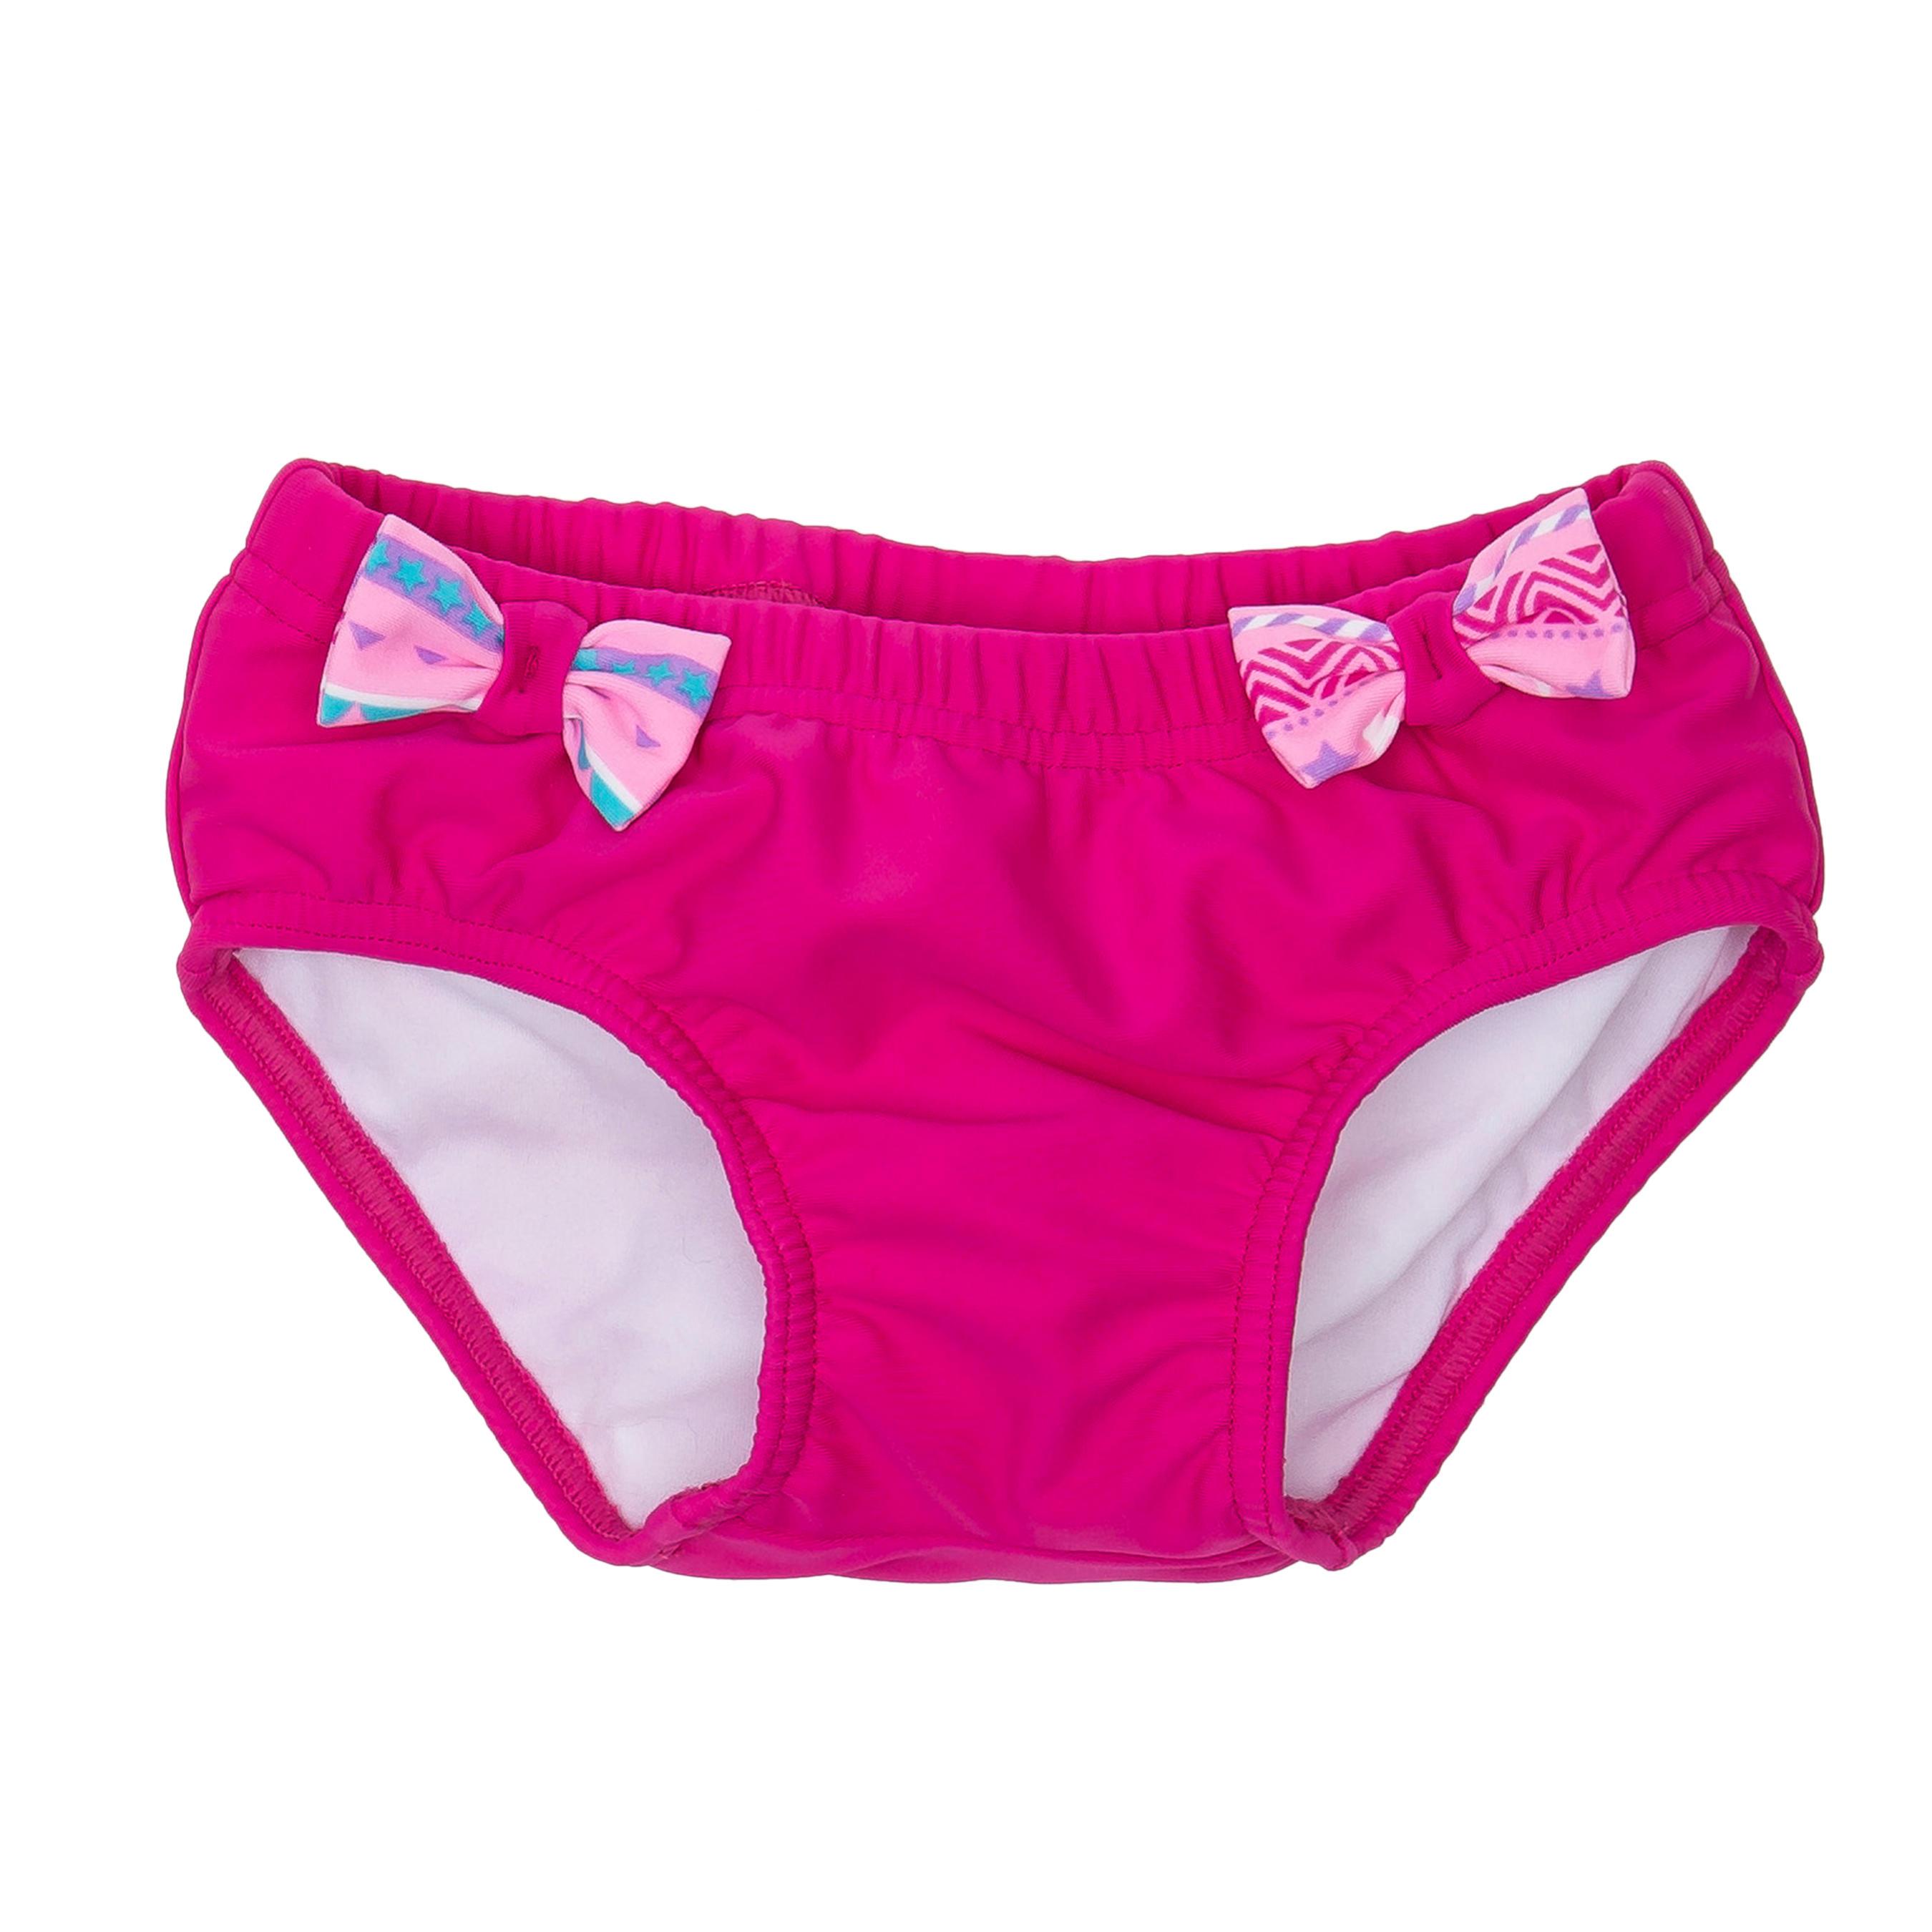 Baby,Kinder,Jungen,Kinder,Mädchen,Kinder Windel-Badehose waschbar Baby Mädchen rosa | 03583788483861